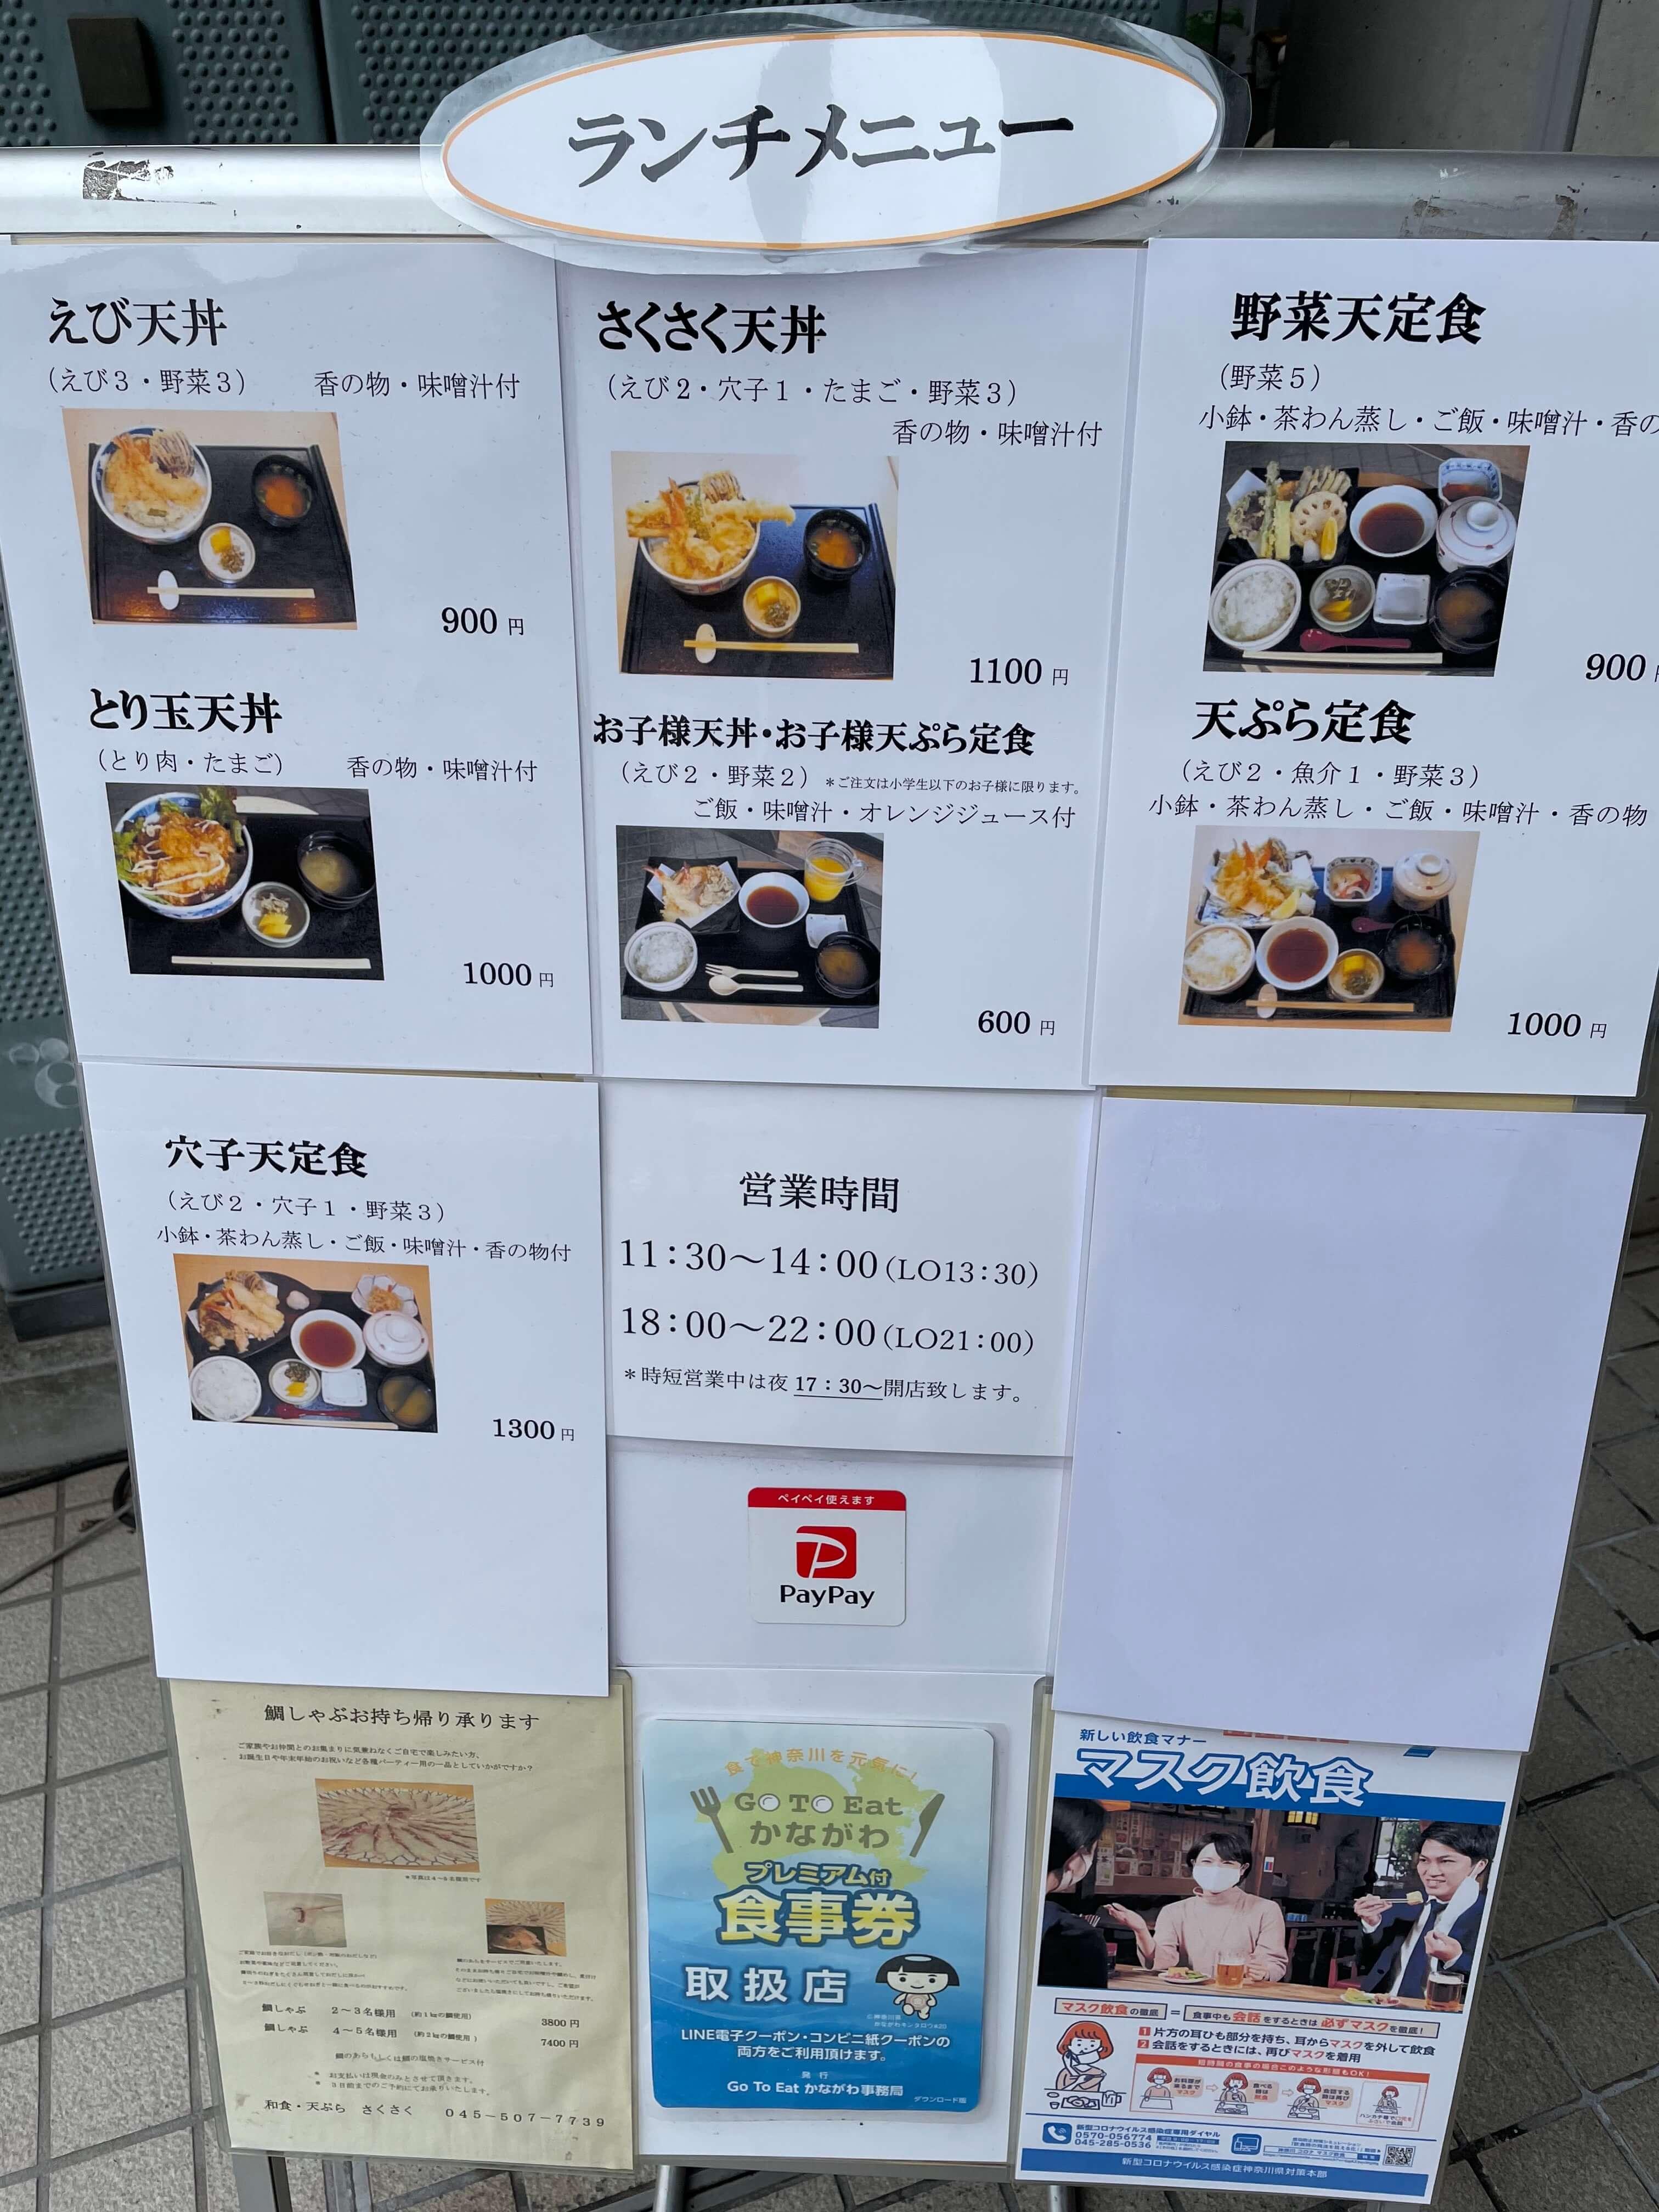 ランチメニュー 【和食・天ぷらのさくさく@センター北】たまには昼間に天丼